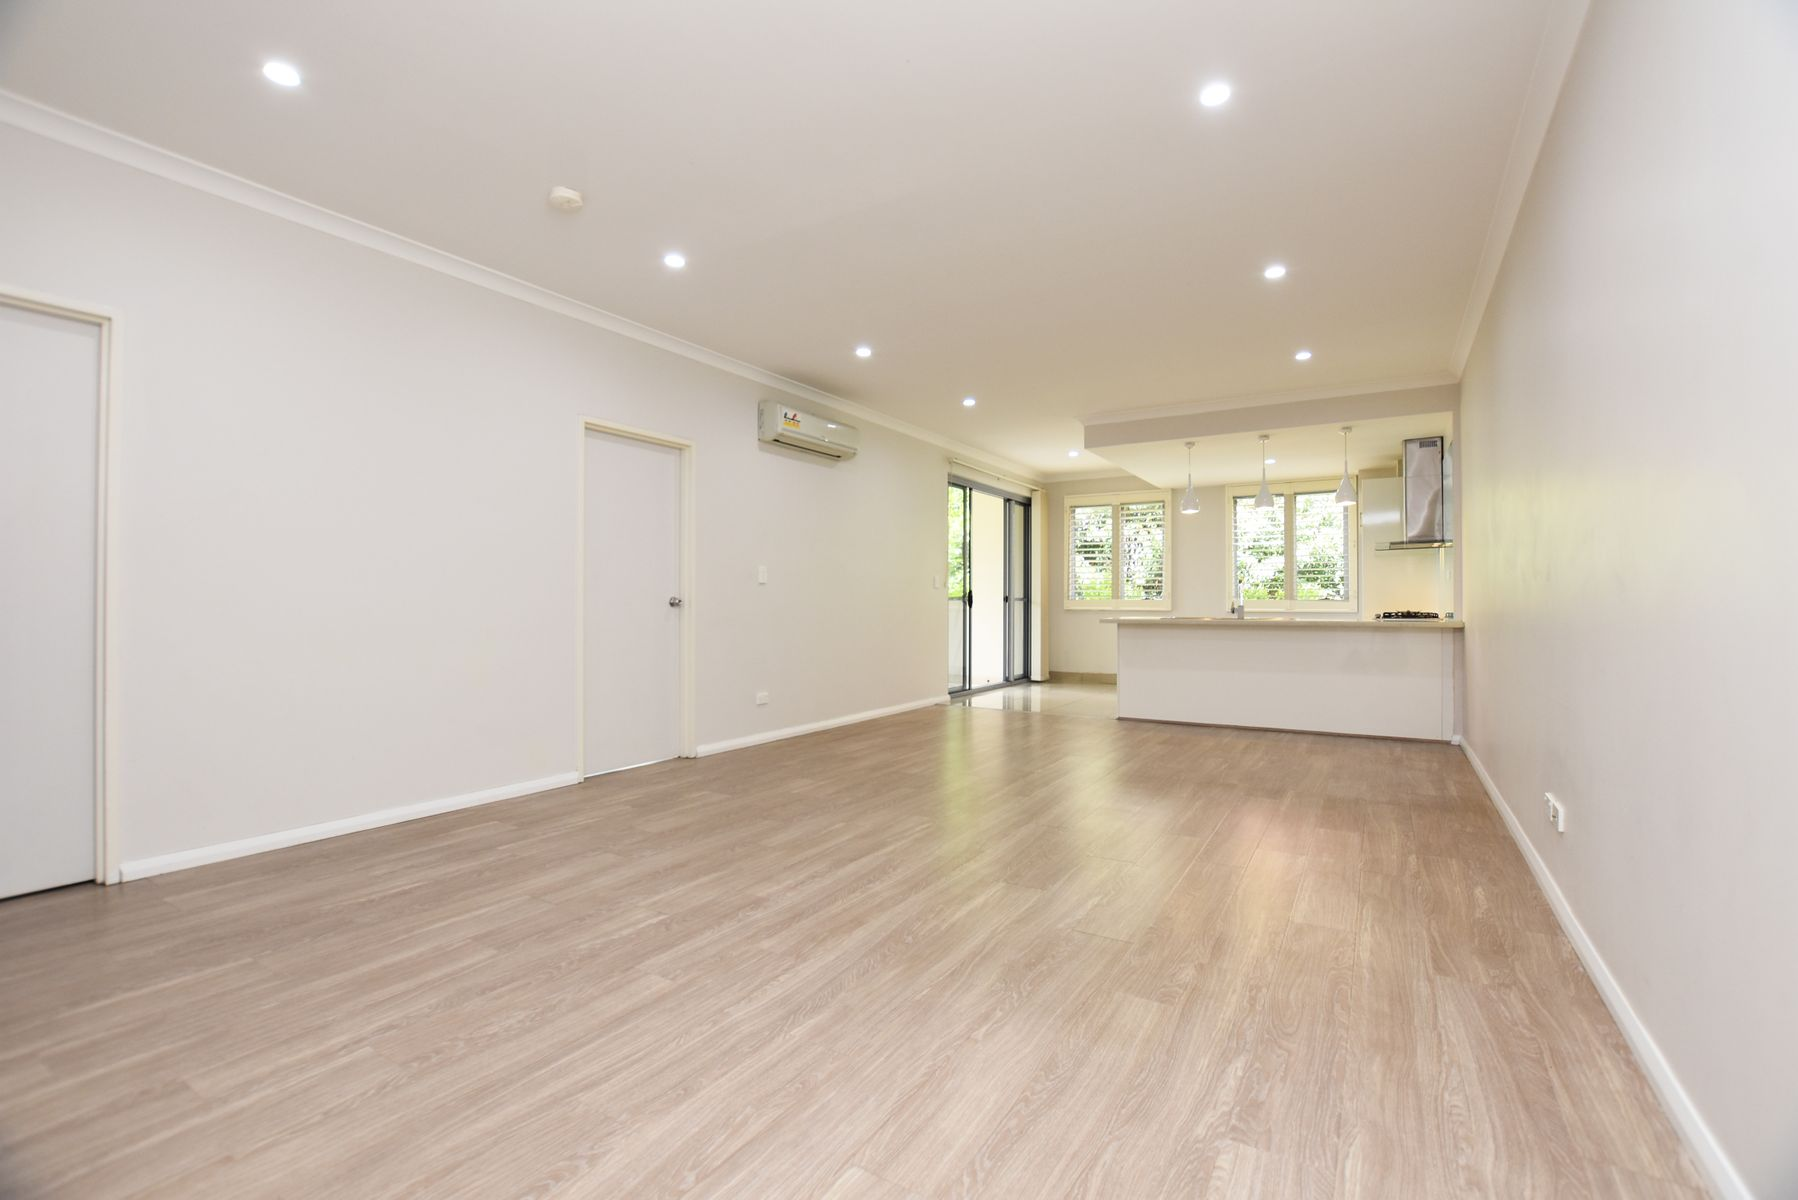 105/239-243 Carlingford Road, Carlingford, NSW 2118